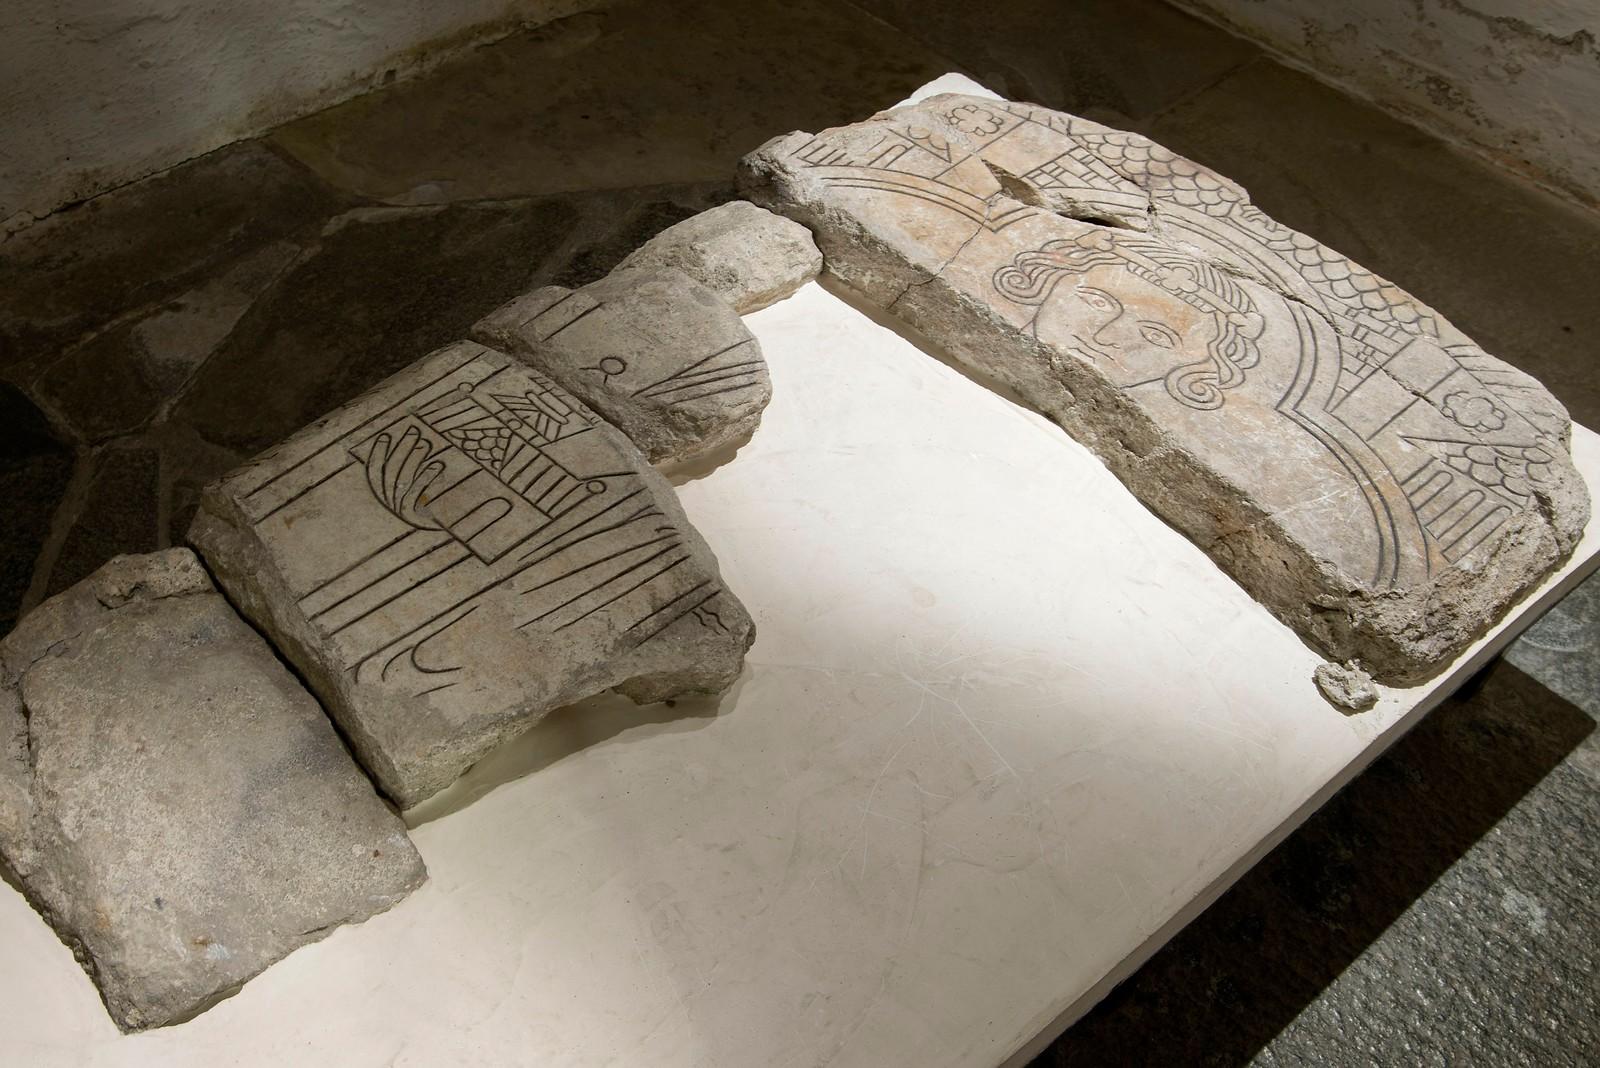 I krypten under Nidarosdomen finnes Norges største samling av middelalderske gravsteiner. Blant dem finnes fragmenter av Skule Bårdssons gravstein. Personen på gravsteinen har en hertugkrone på hodet, noe som støtter teorien om at det virkelig er hertug Skules gravstein. Skule styrte en tredjedel av Norge under kong Håkon Håkonsson. I 1239 gjorde Skule opprør, til tross for at kong Håkon var gift med Skules datter, Margrete. Skule lot seg krone til konge, men ble drept bare et halvt år etterpå. Gjennom Margrete og Håkon Håkonsson ble hertug Skule en av stamfedrene til den norske kongsætten i middelalderen.